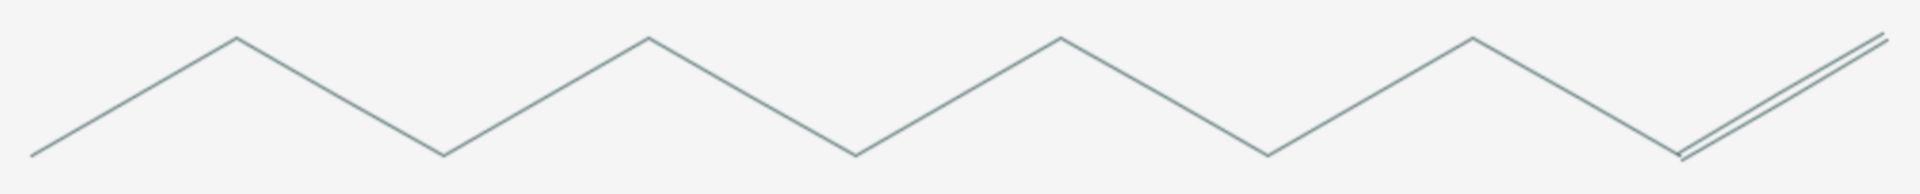 1-Decen (Strukturformel)